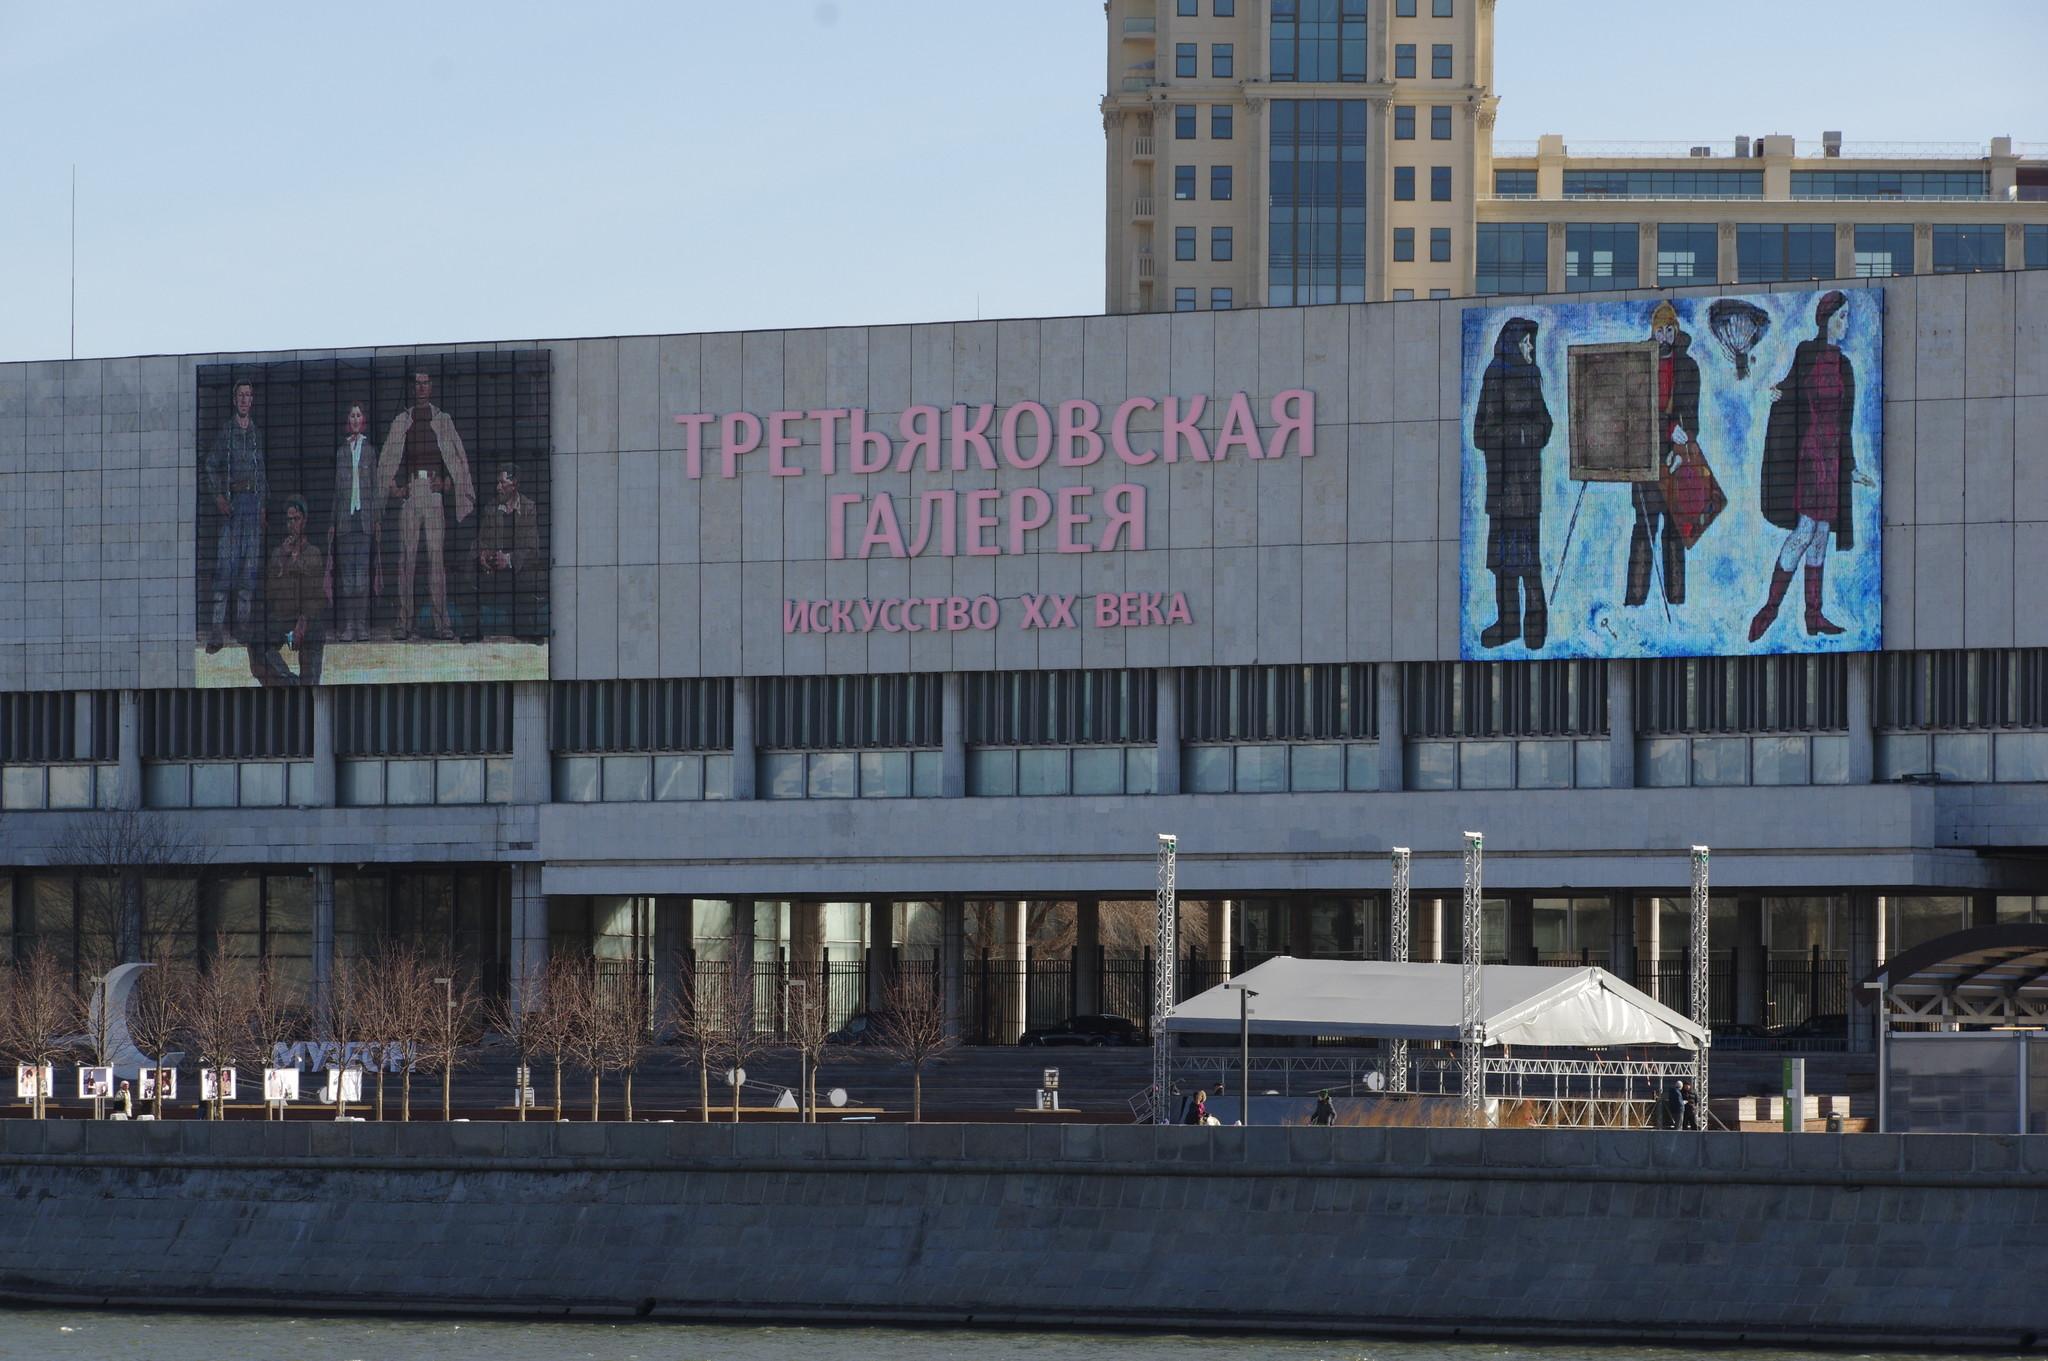 Третьяковская галерея на Крымском валу (Крымский Вал улица, дом 10)